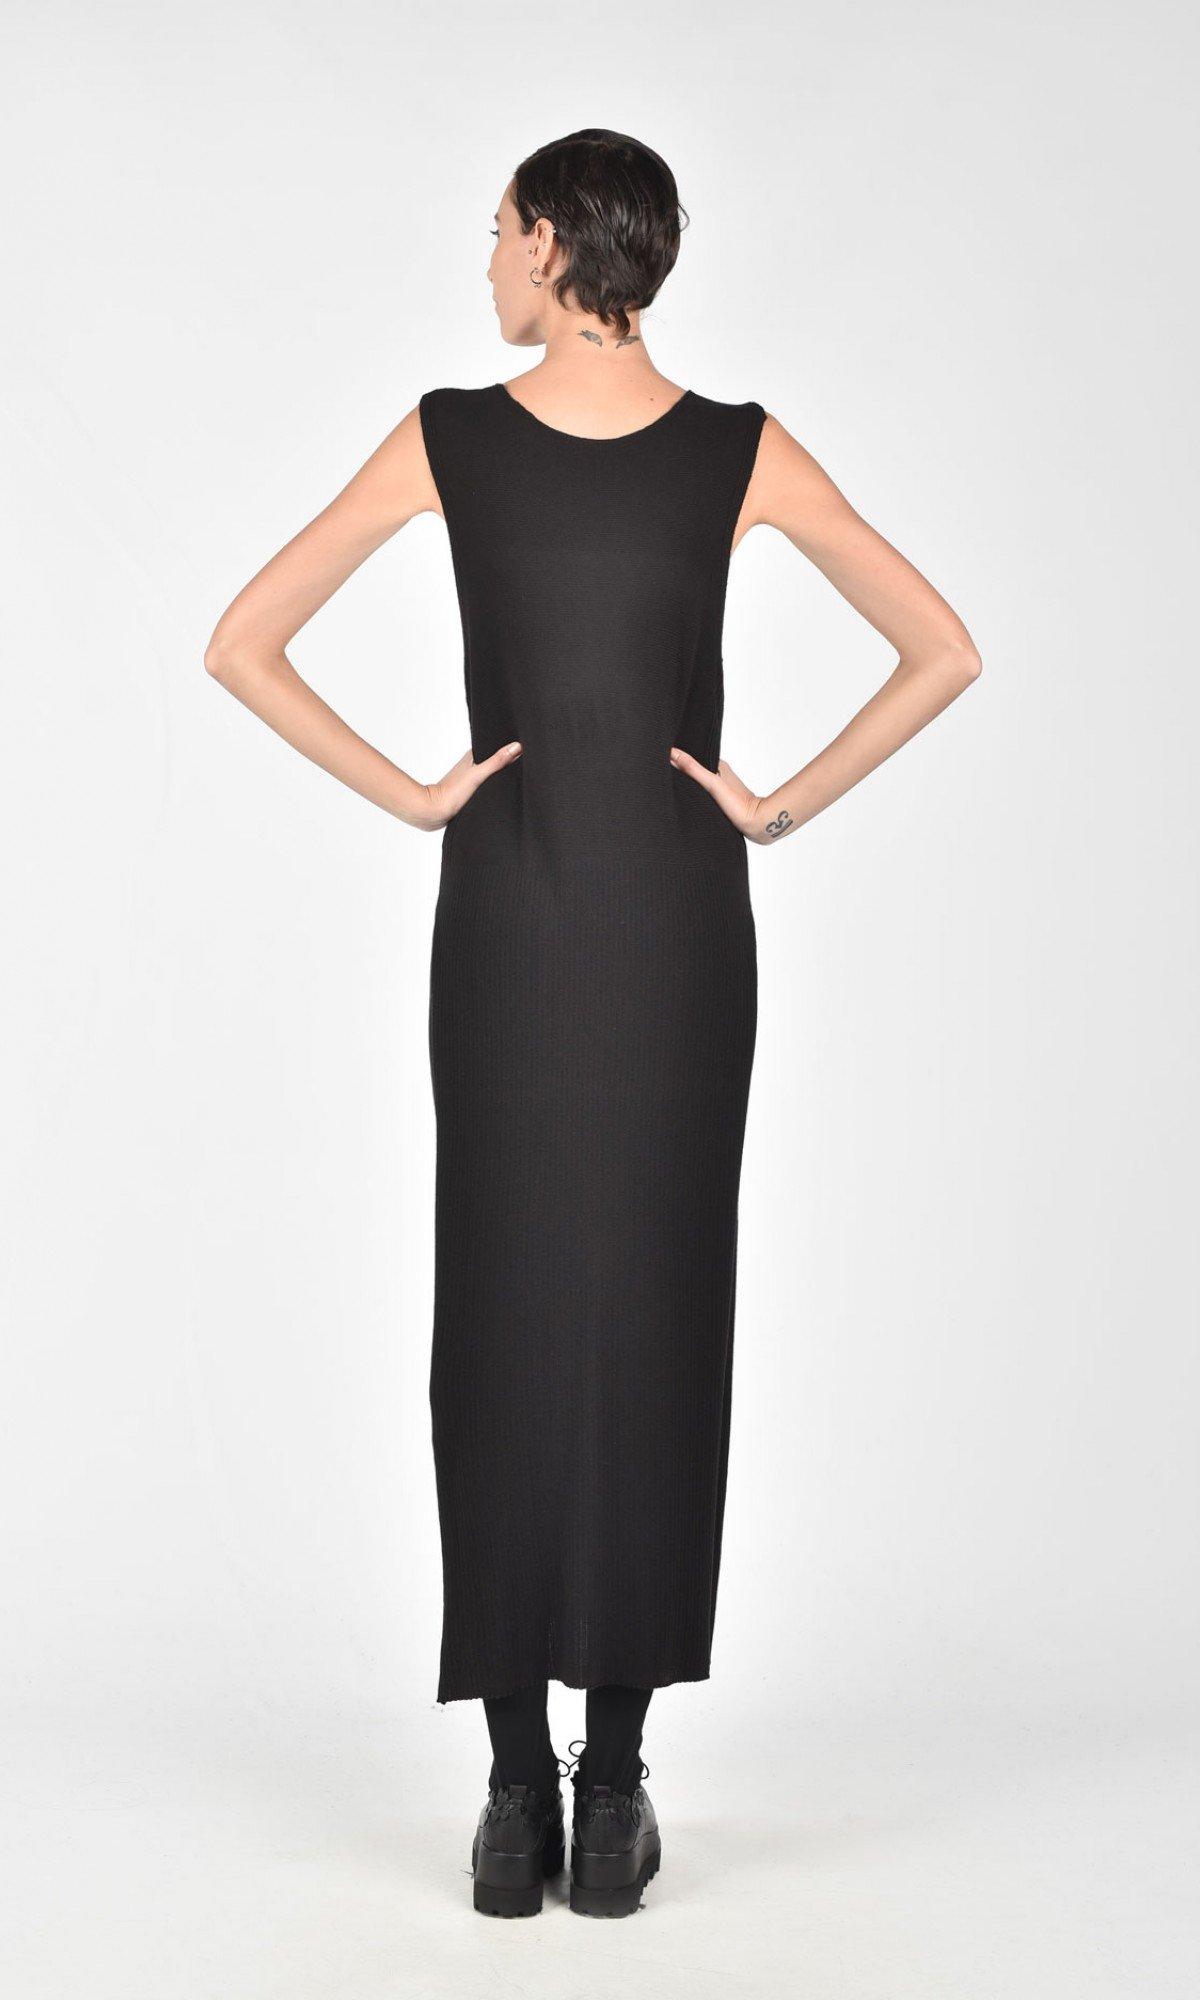 Black Deep V Neck Knit Dress A03512